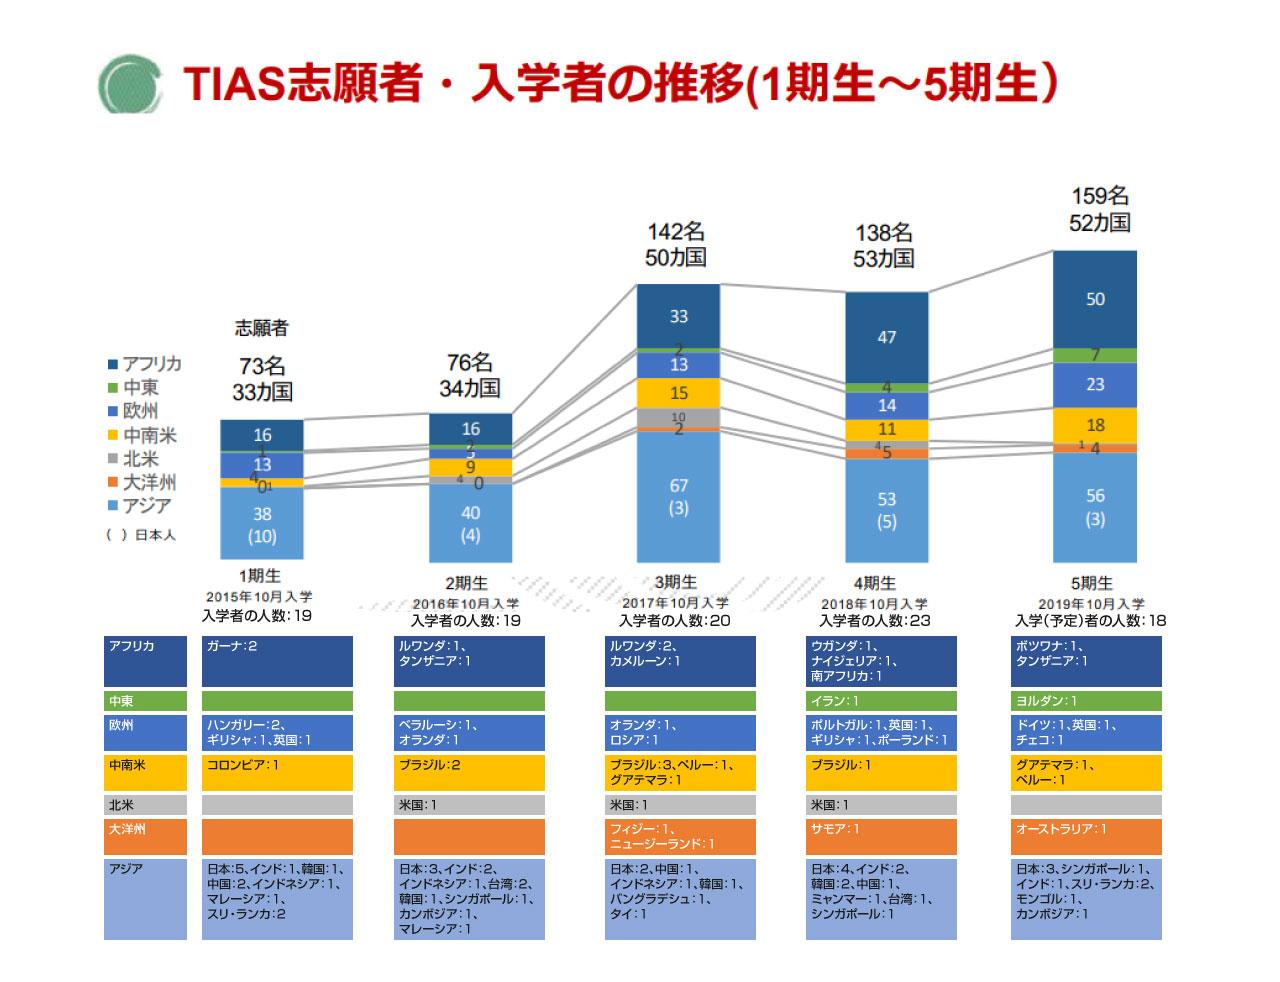 TIAS志願者・入学者の推移(1期生~5期生)